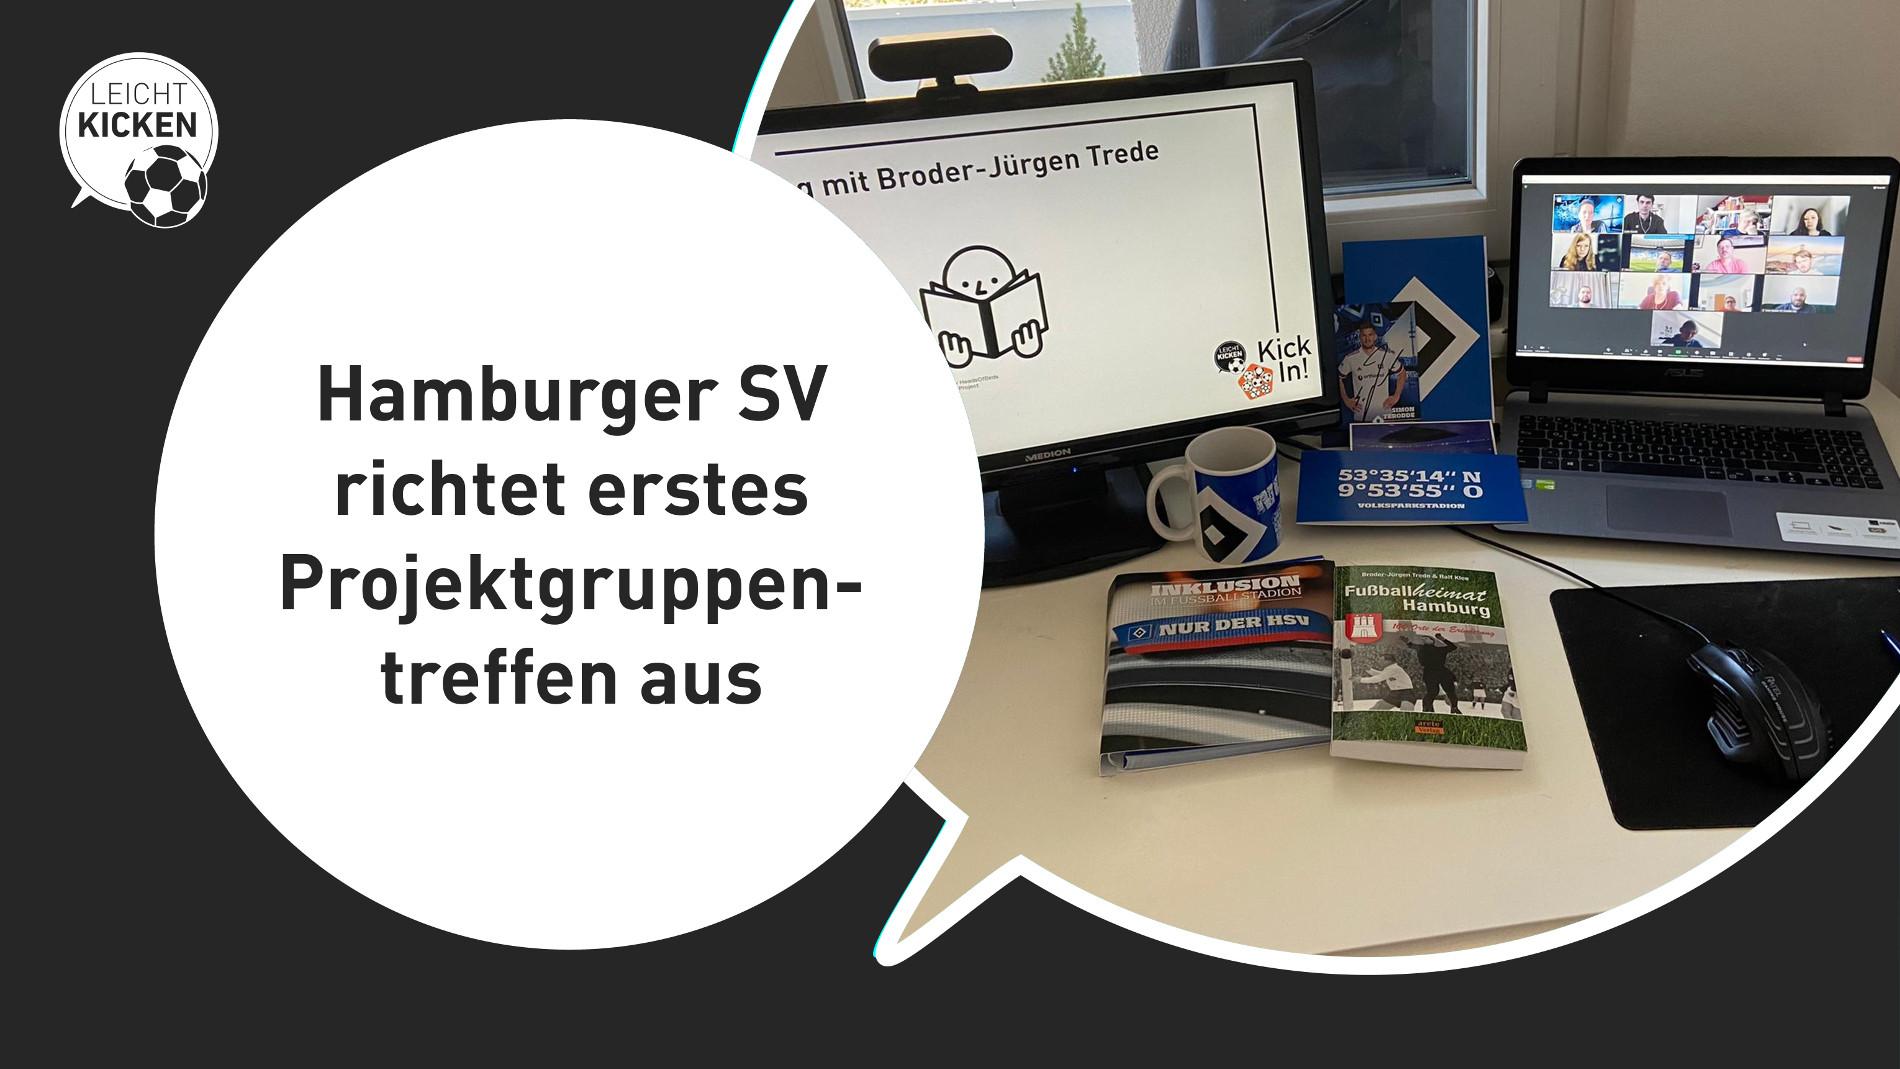 """""""Hamburger SV richtet erstes Projektgruppentreffen aus""""-Schriftzug links in einem weißen Kreis. Rechts in einer Sprechblase ein Foto mit zwei Computer-Bildschirmen, dazu Broschüren, Bücher und eineTasse aus dem HSV-Paket."""